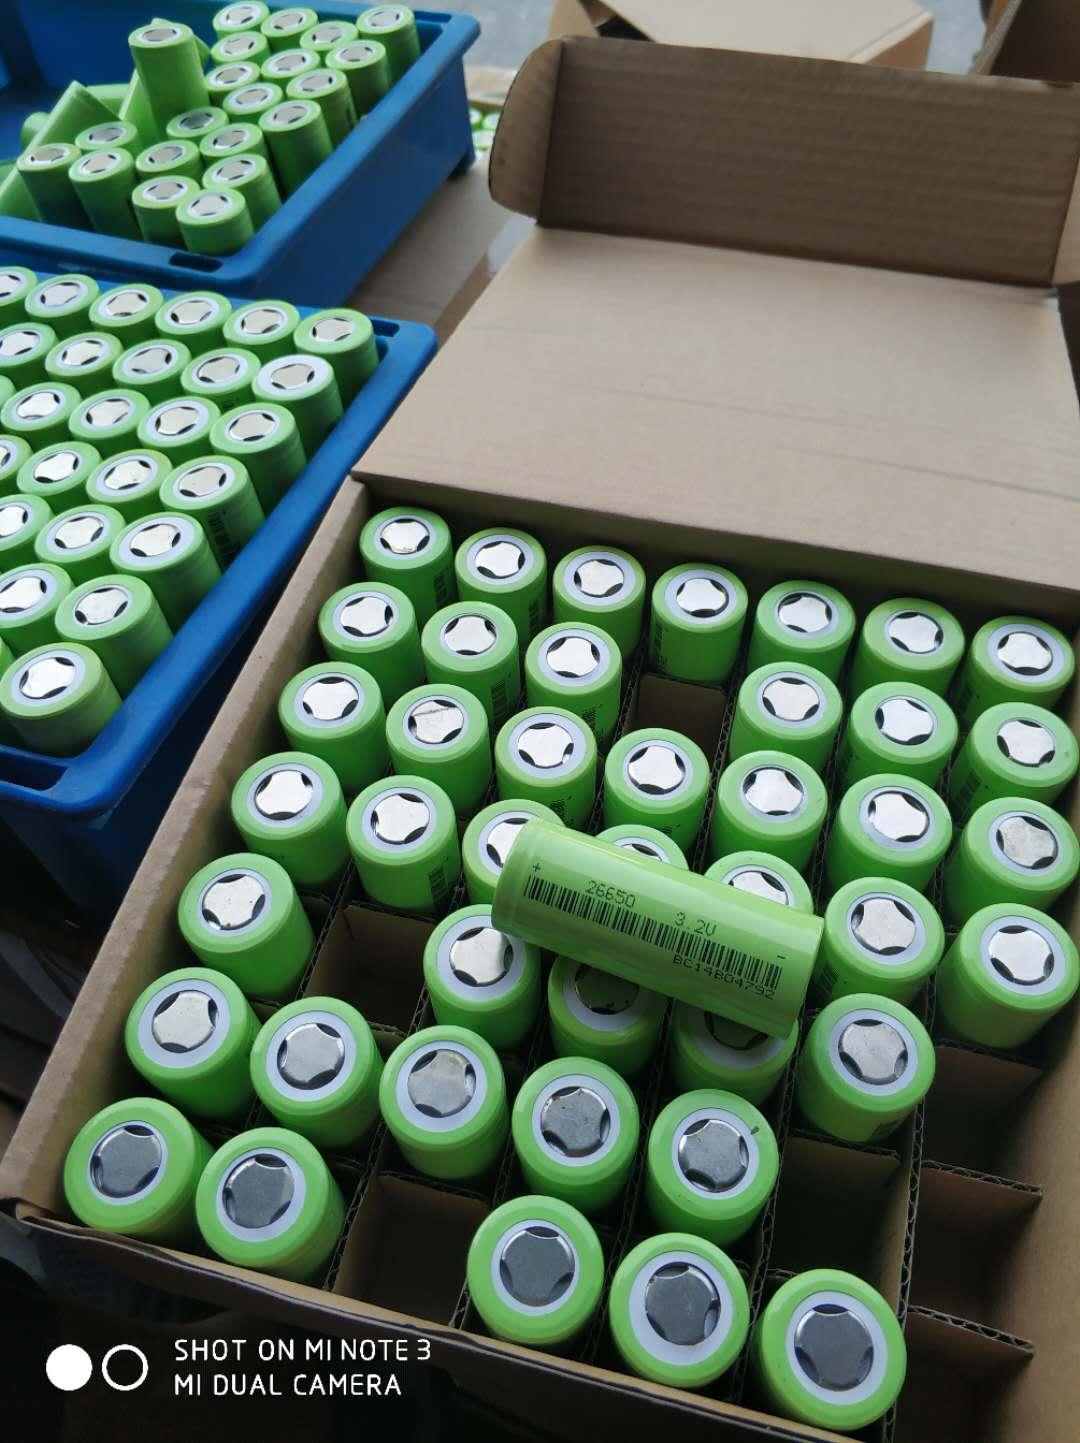 湖州市LG锂电池模组回收分拆工厂